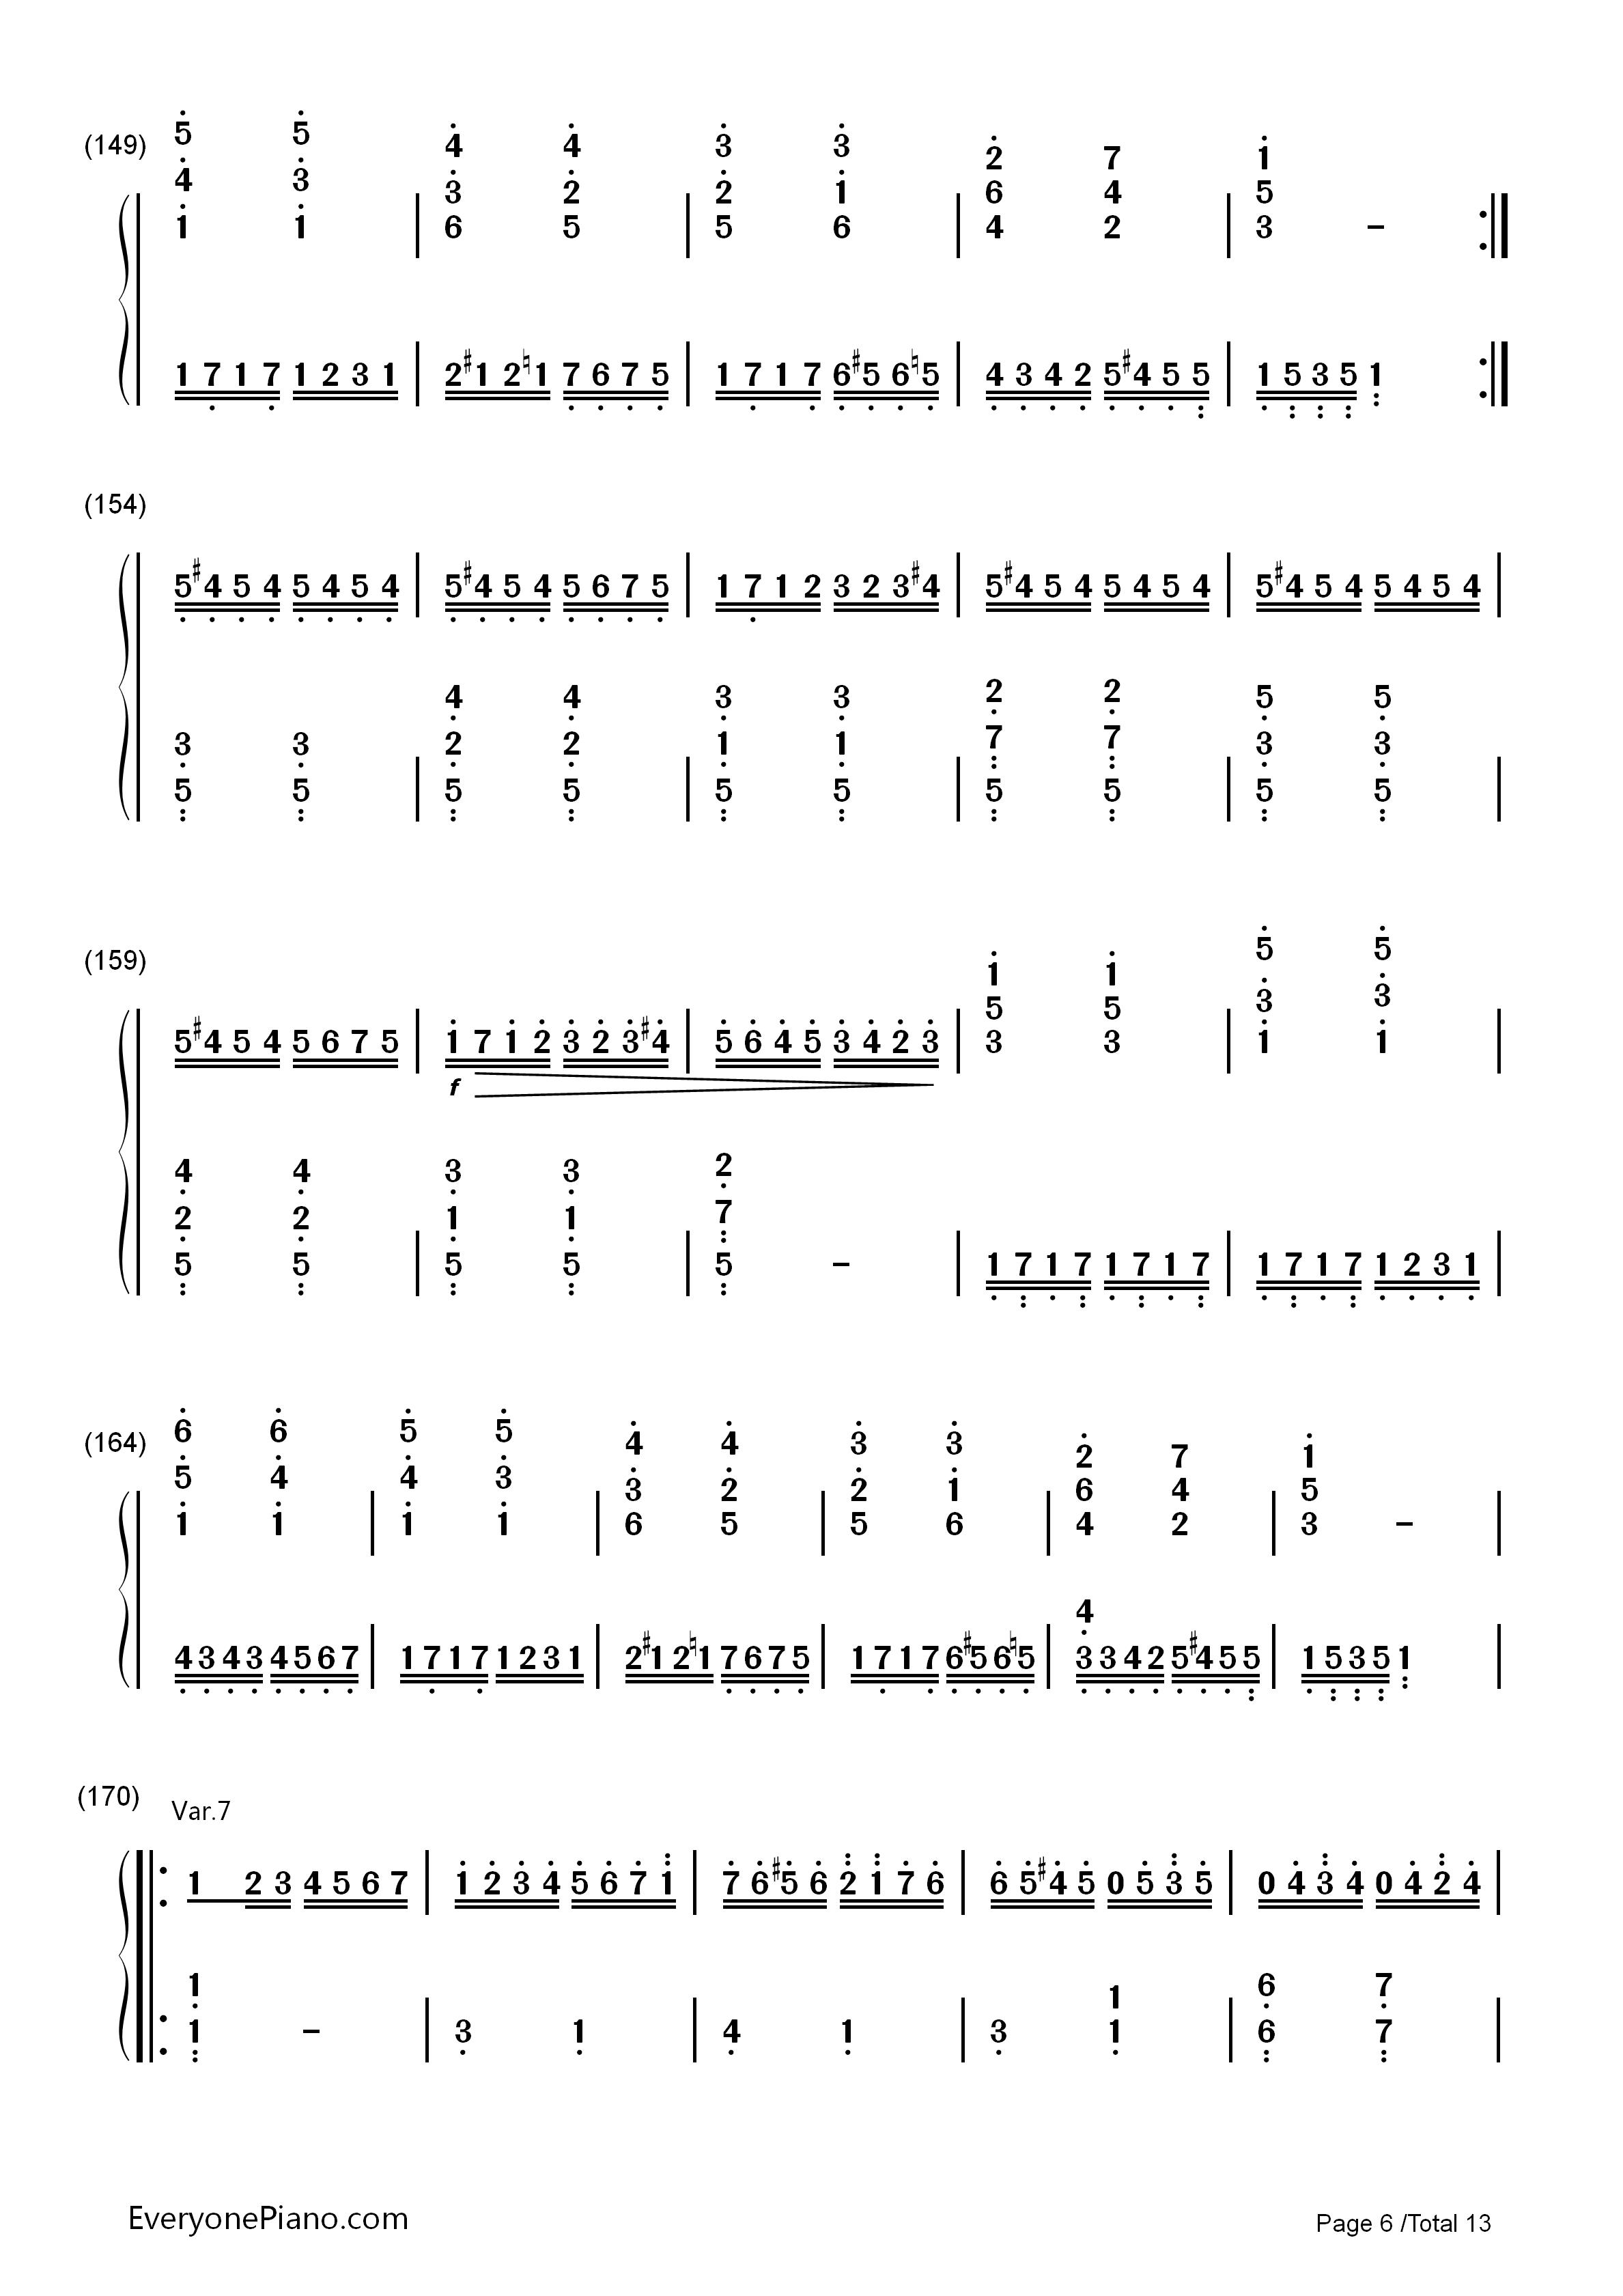 钢琴曲谱 练习曲 小星星变奏曲-莫扎特 小星星变奏曲-莫扎特双手简谱